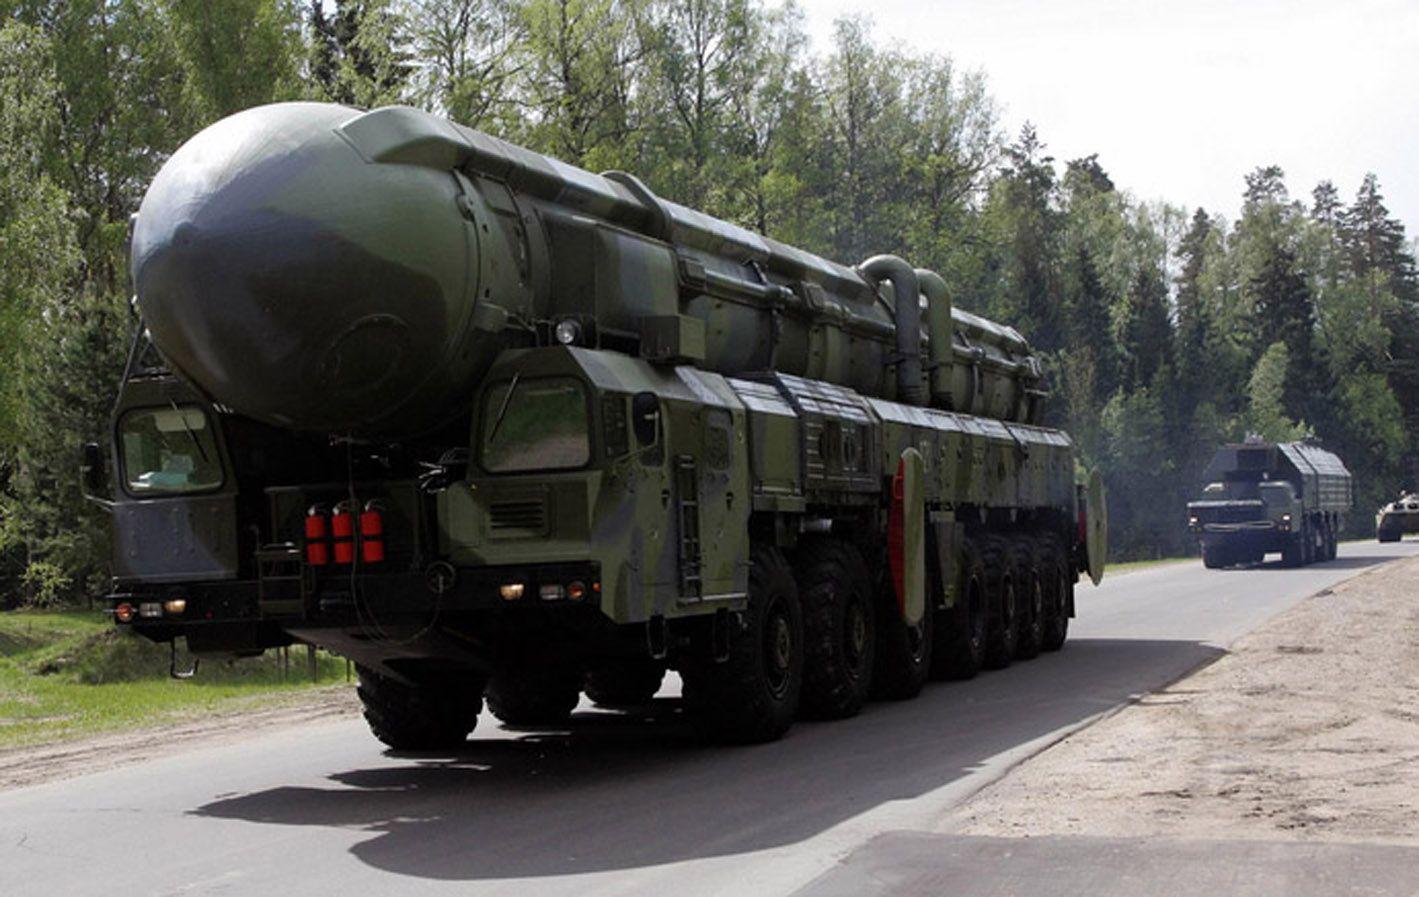 Alistado. Misil nuclear móvil ruso Topol-M. Es un arma en plena producción.